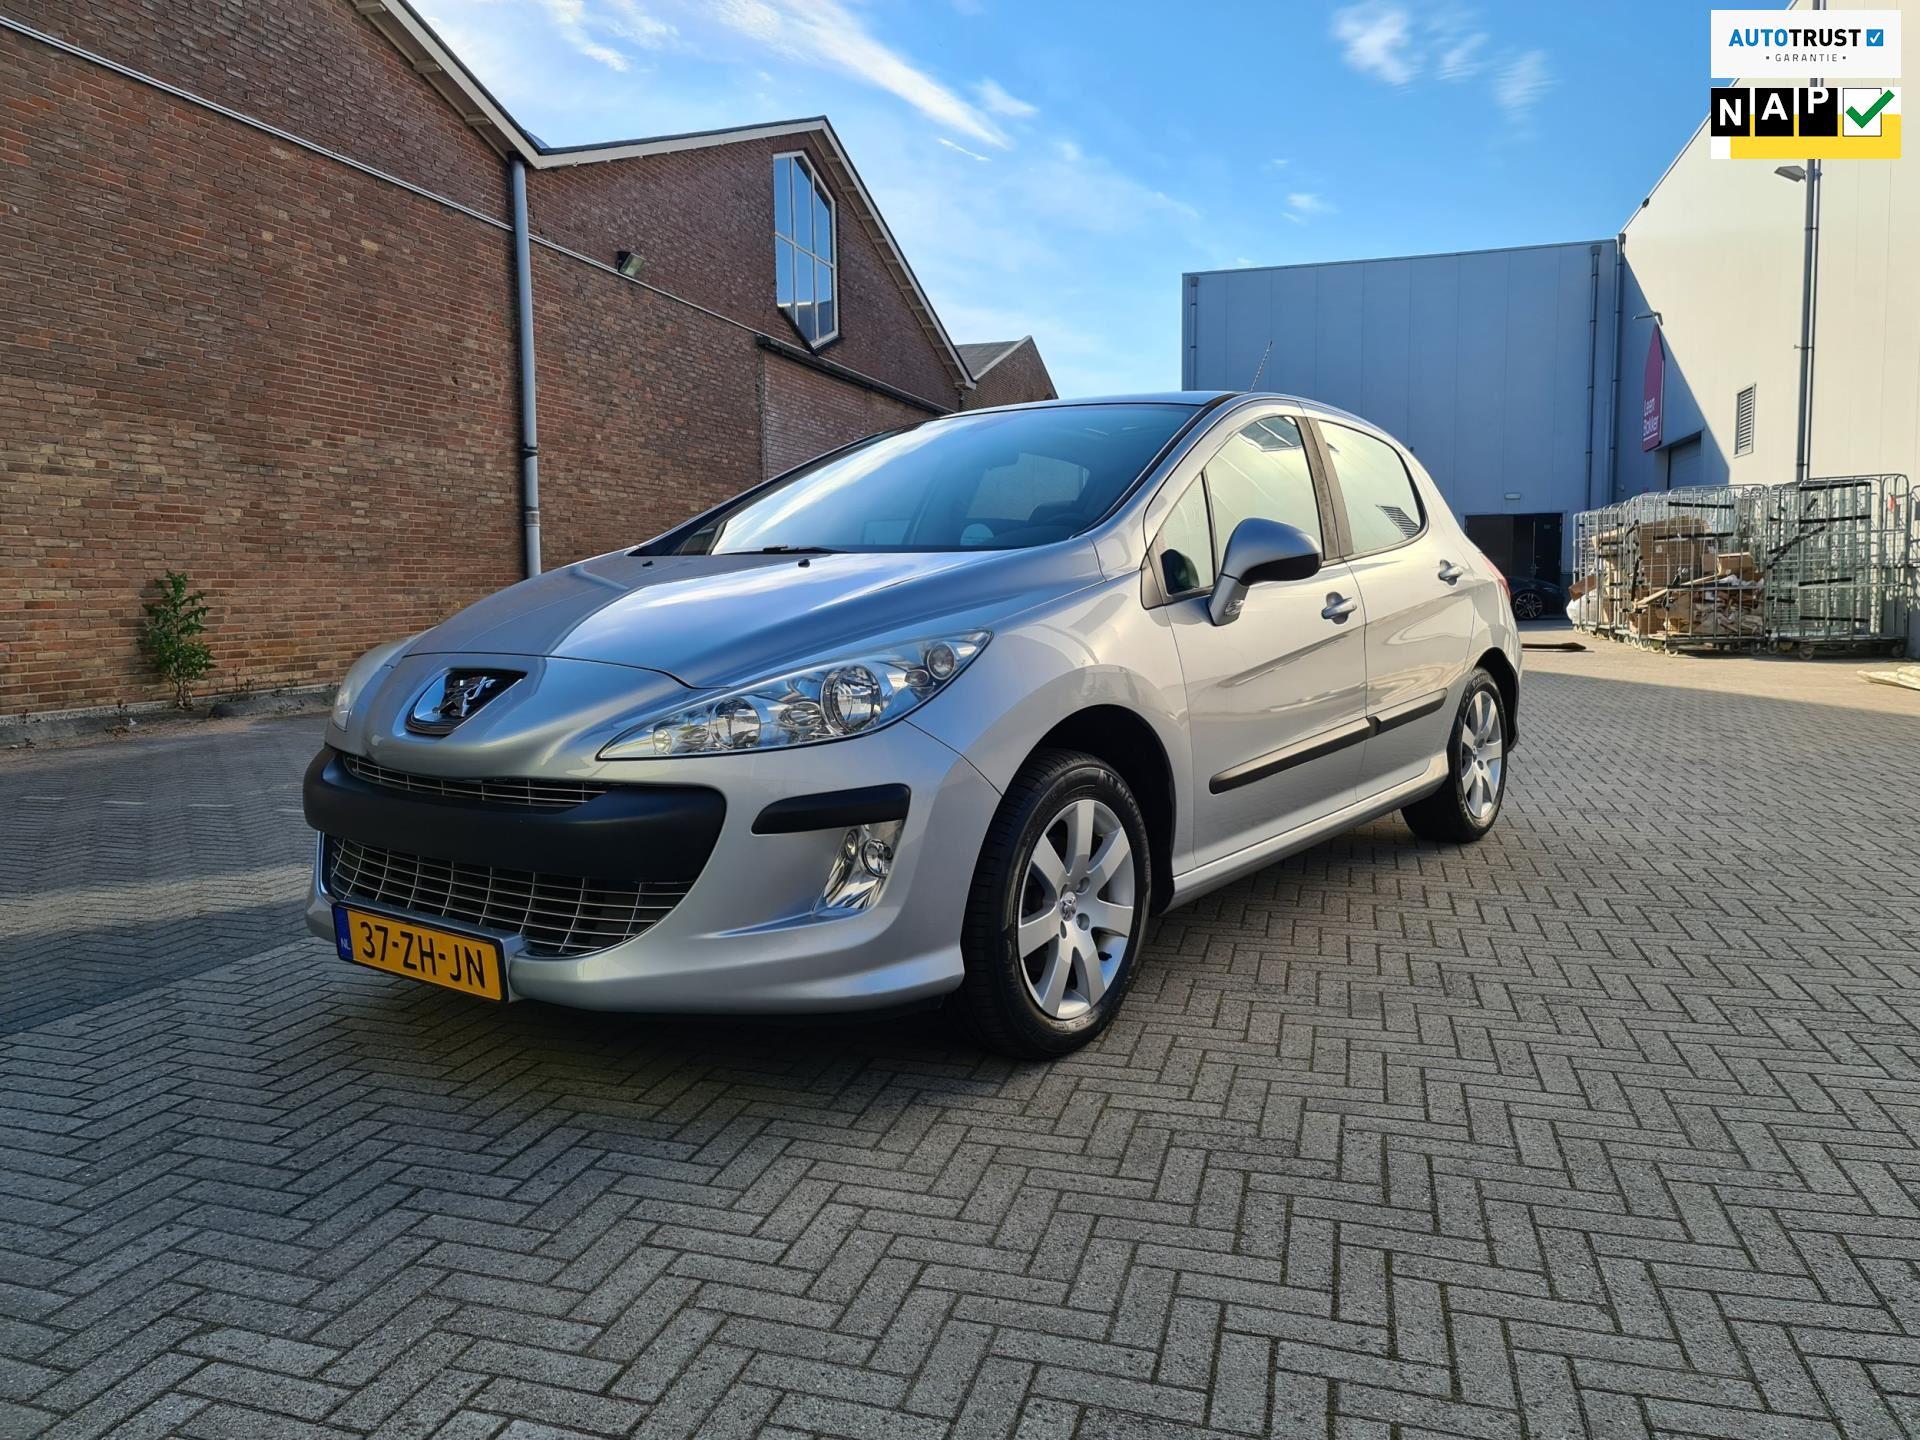 Peugeot 308 occasion - APCA Auto's